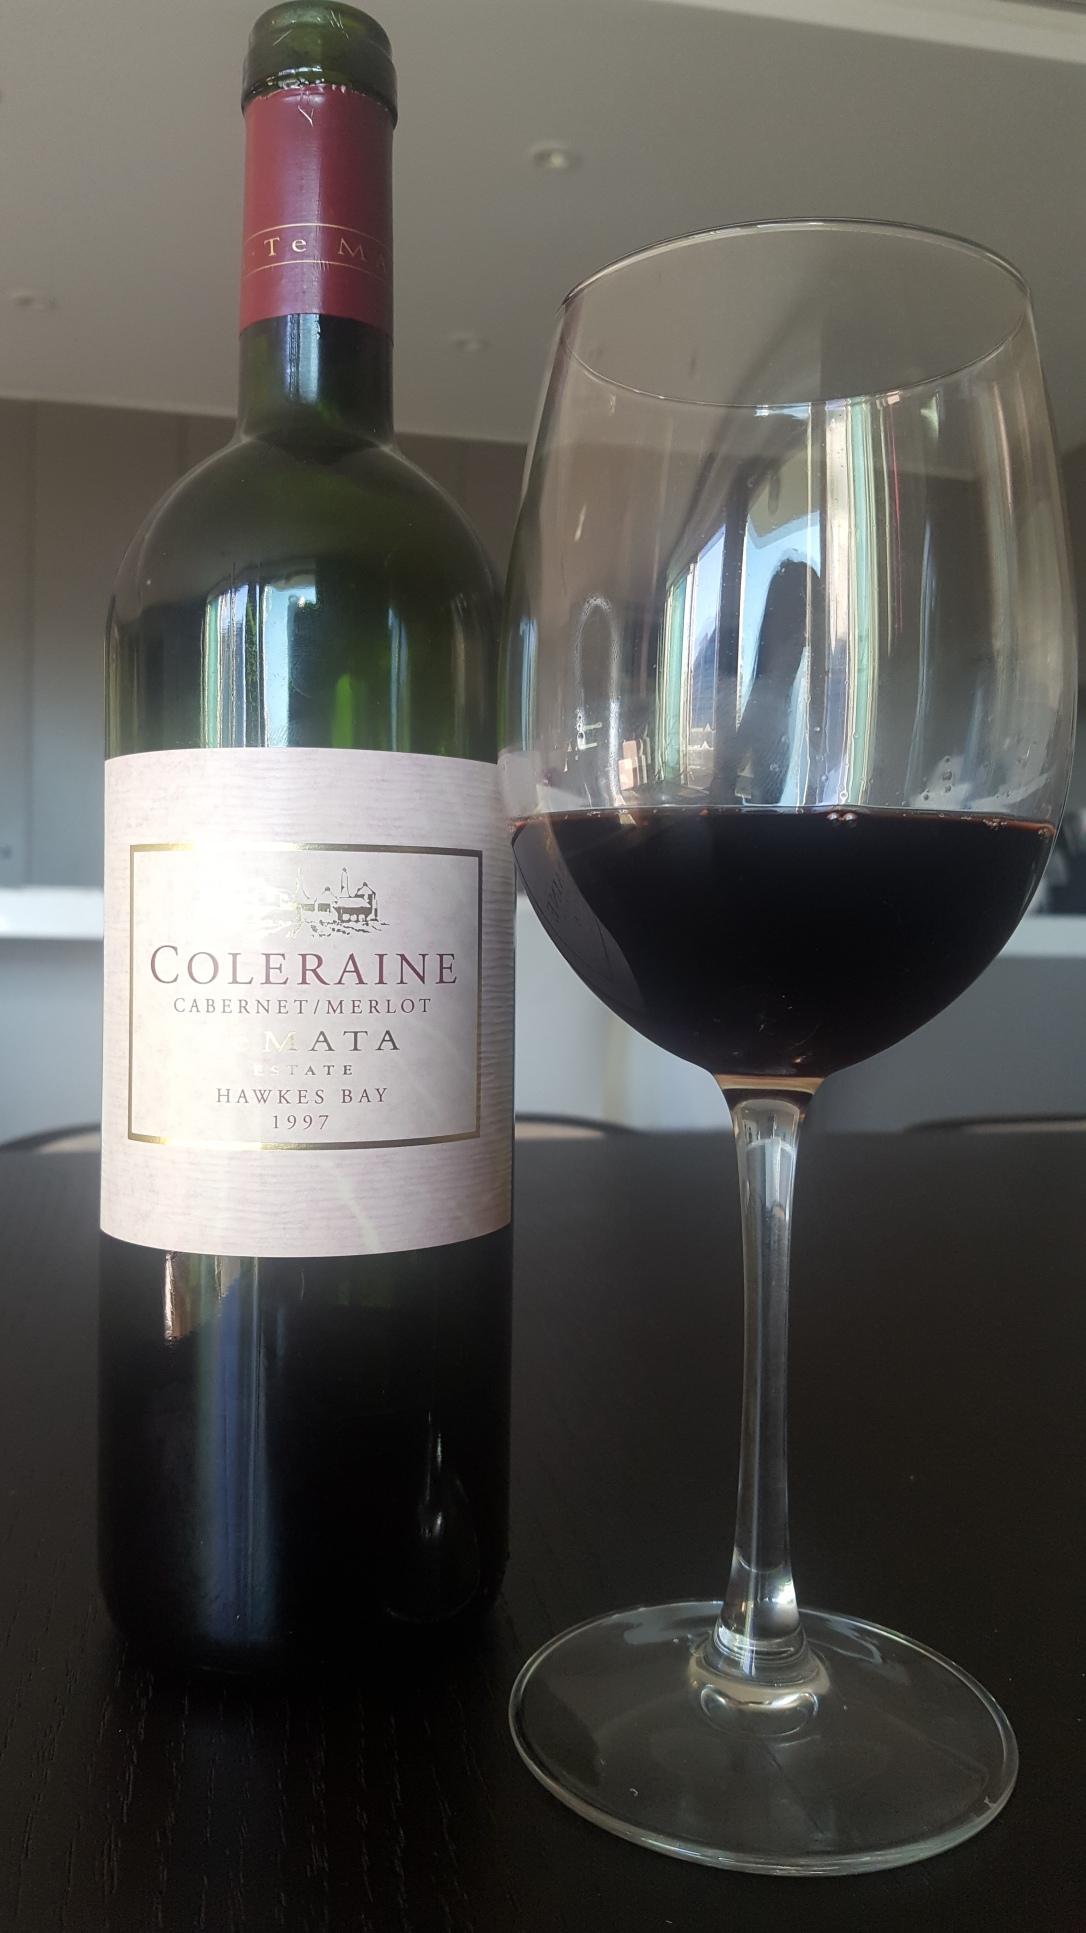 Coleraine Te Mata 1997